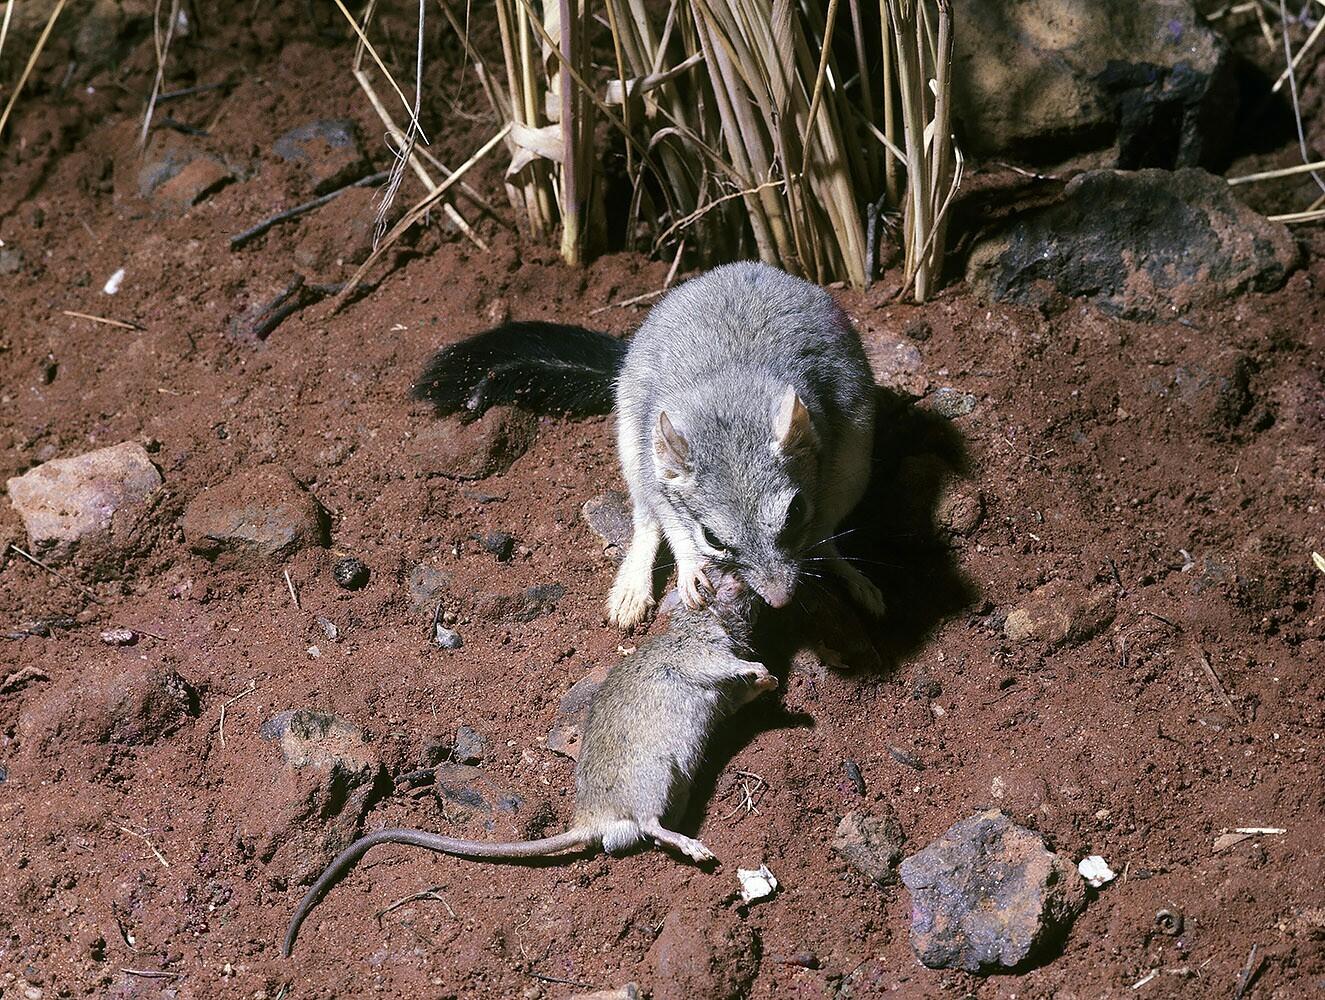 какое животное хищное мышь стрекоза носорог олень